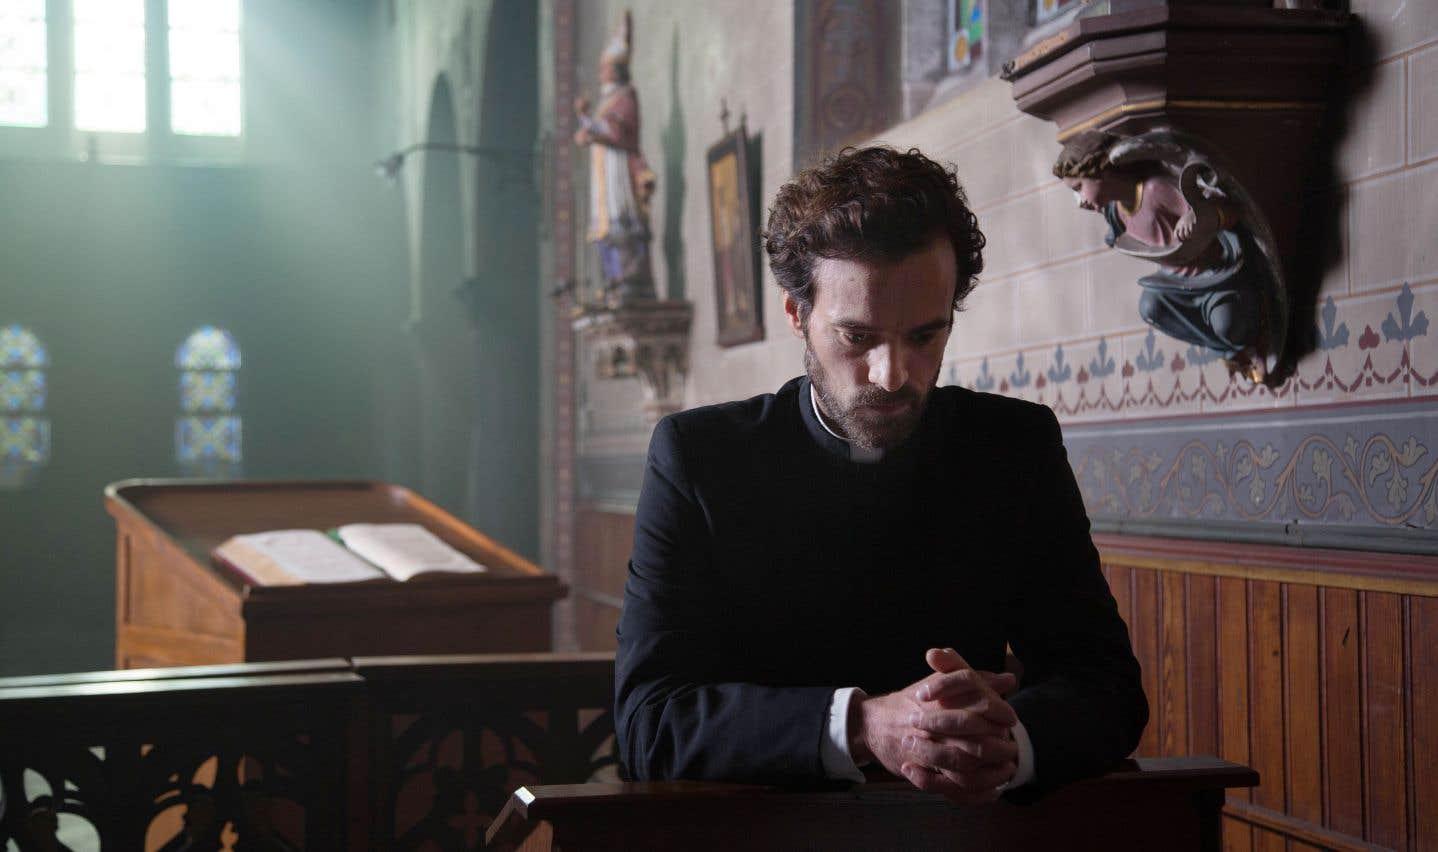 Romain Duris, débonnaire, mais sans excès, interprète le père Morin.